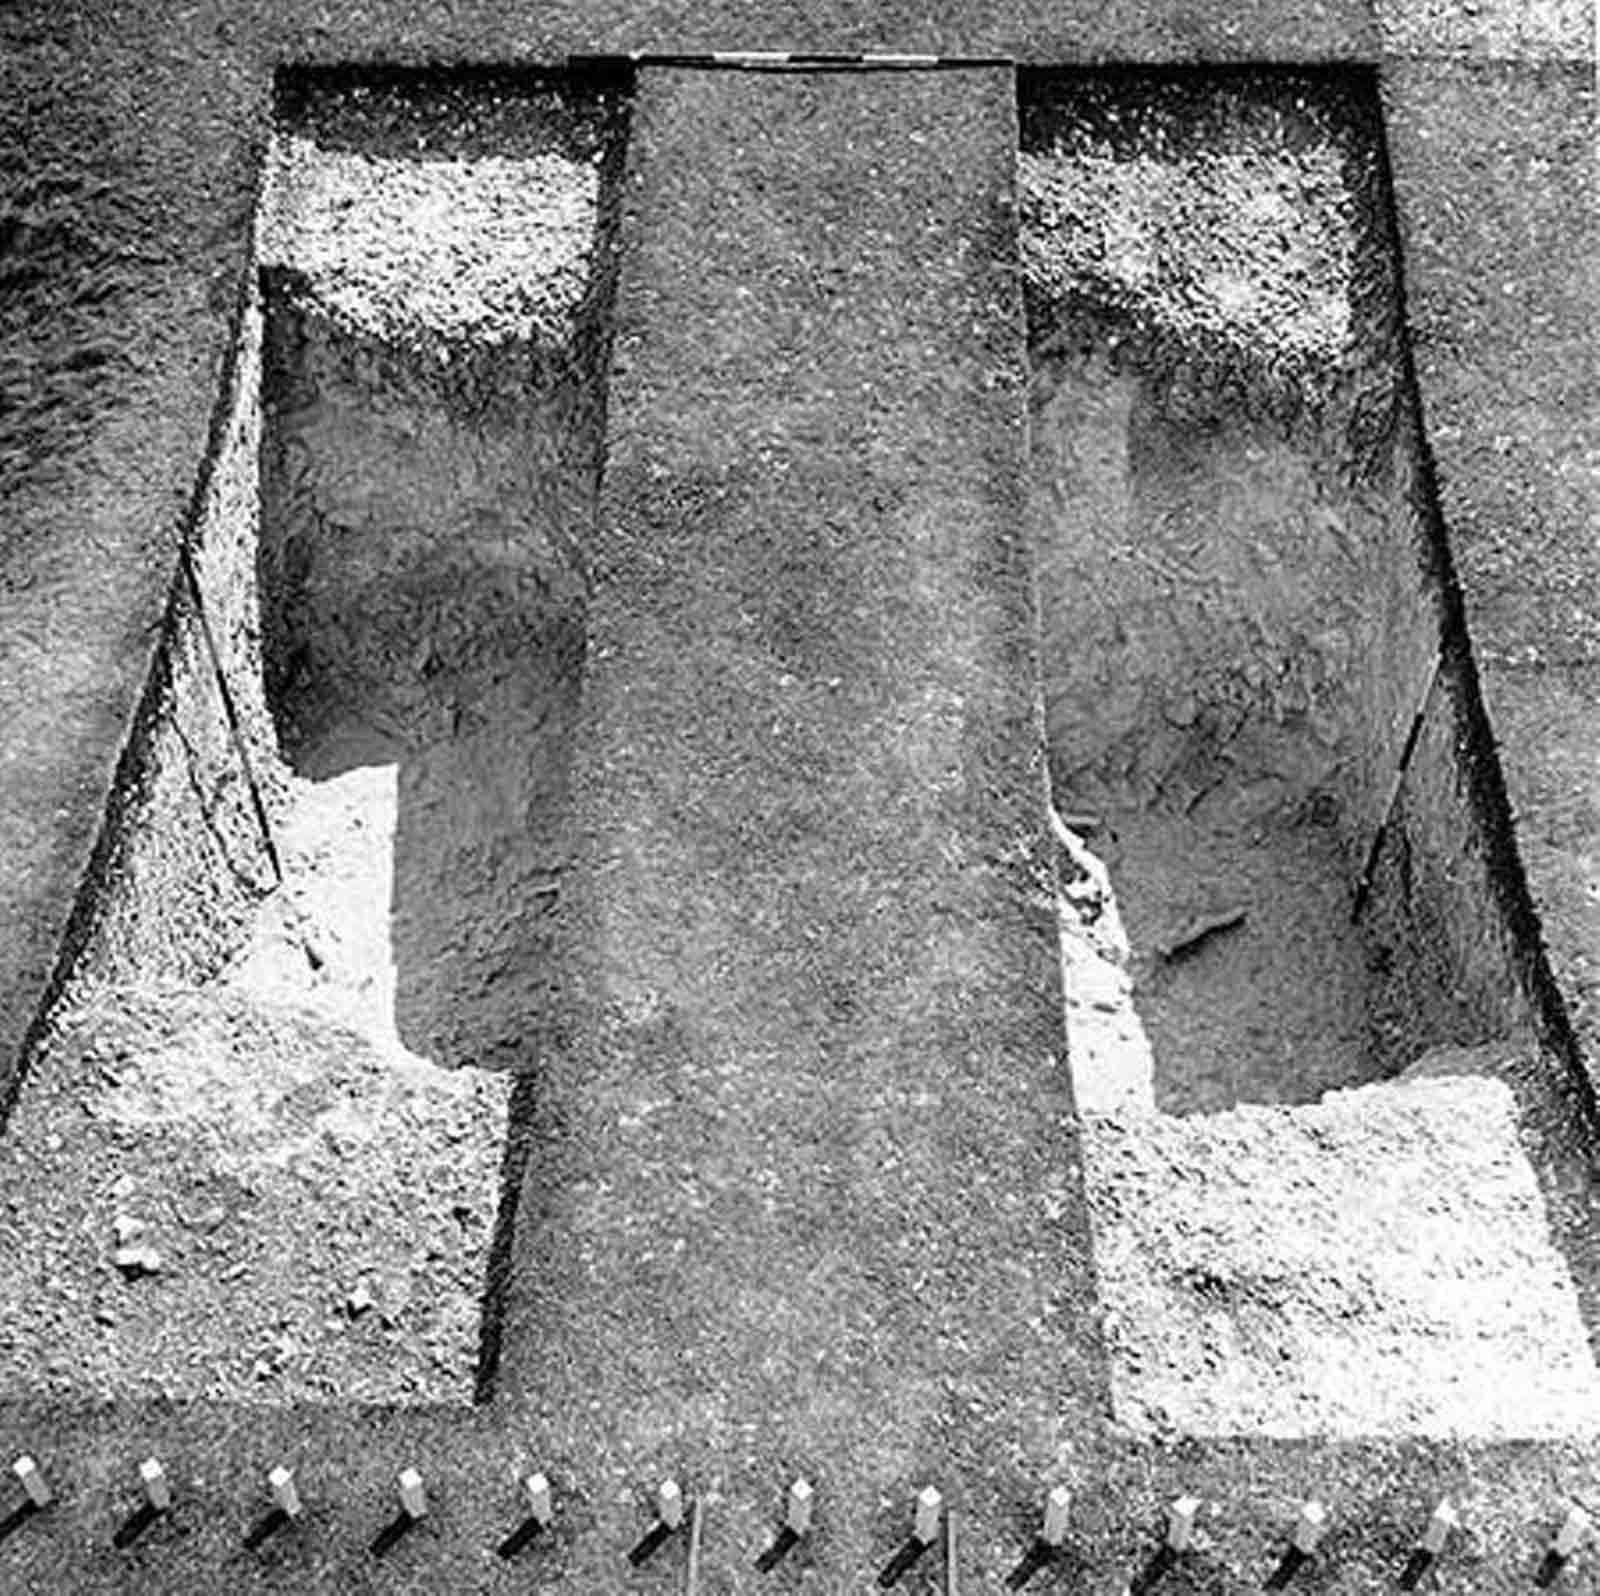 stonehenge history restoration old photographs